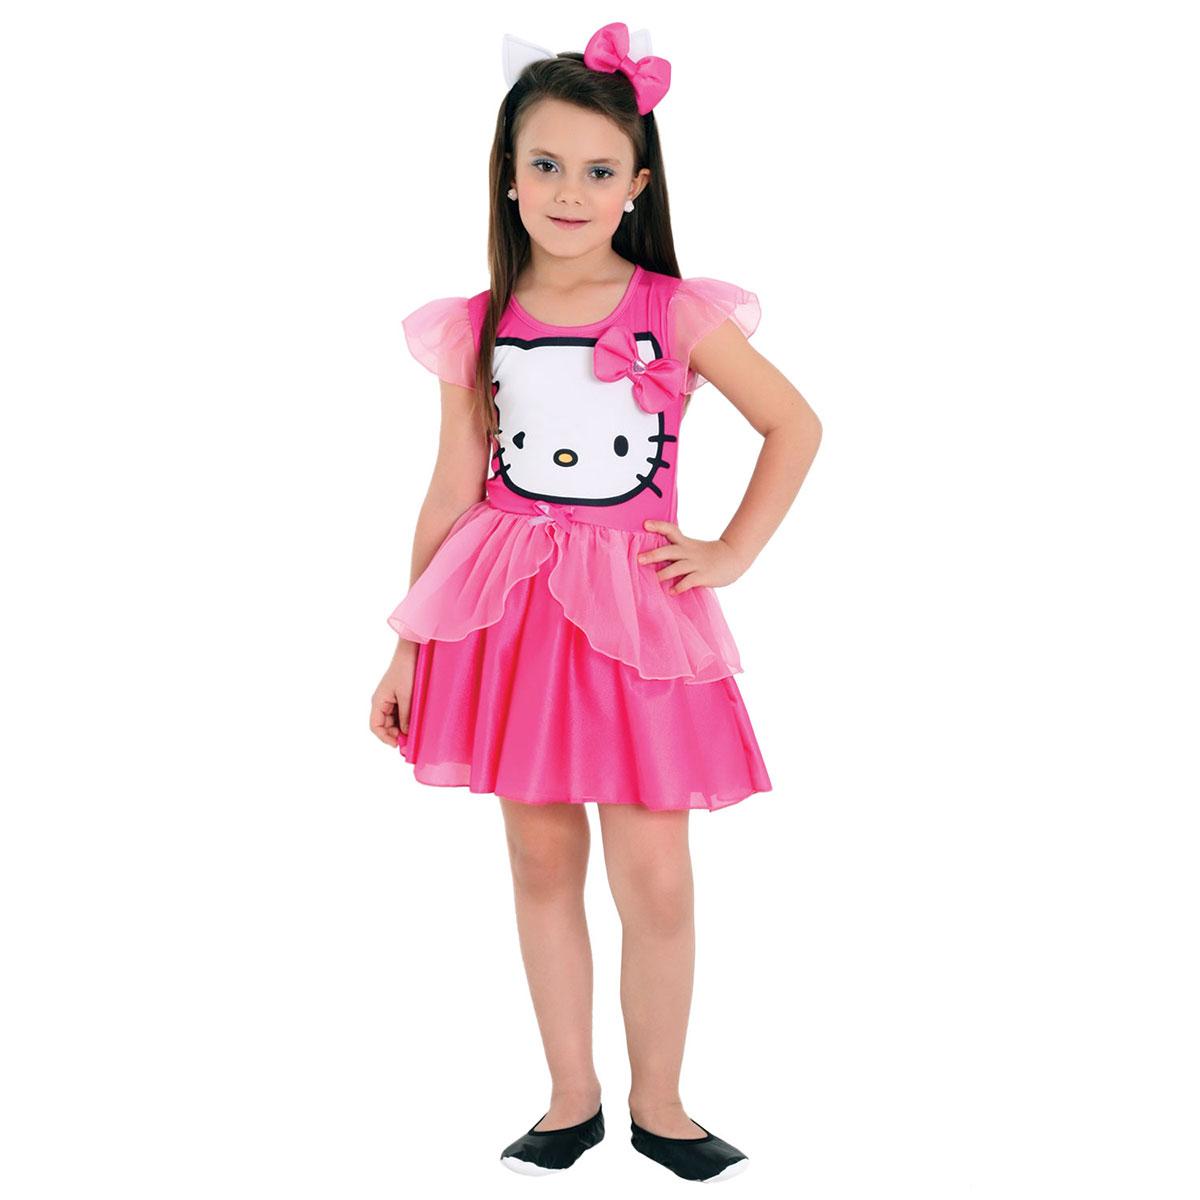 Fantasia Infantil Hello Kitty